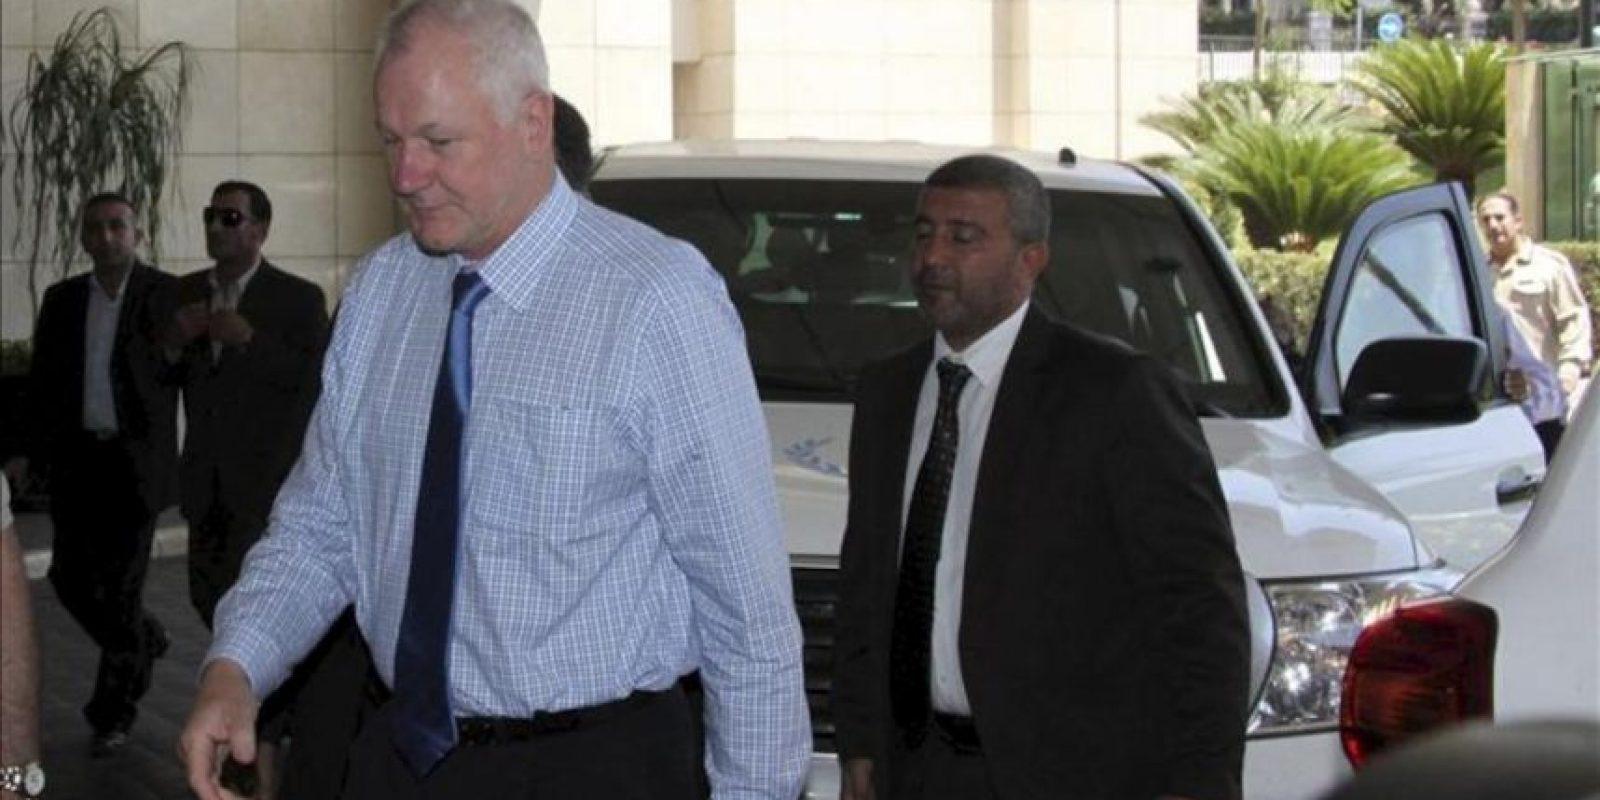 El jefe de la misión de expertos para investigar el posible uso de armas químicas en Siria, Ake Sellström (izda), a su llegada al Hotel Four Seasons en Damasco (Siria), el pasado 24 de julio. EFE/Archivo